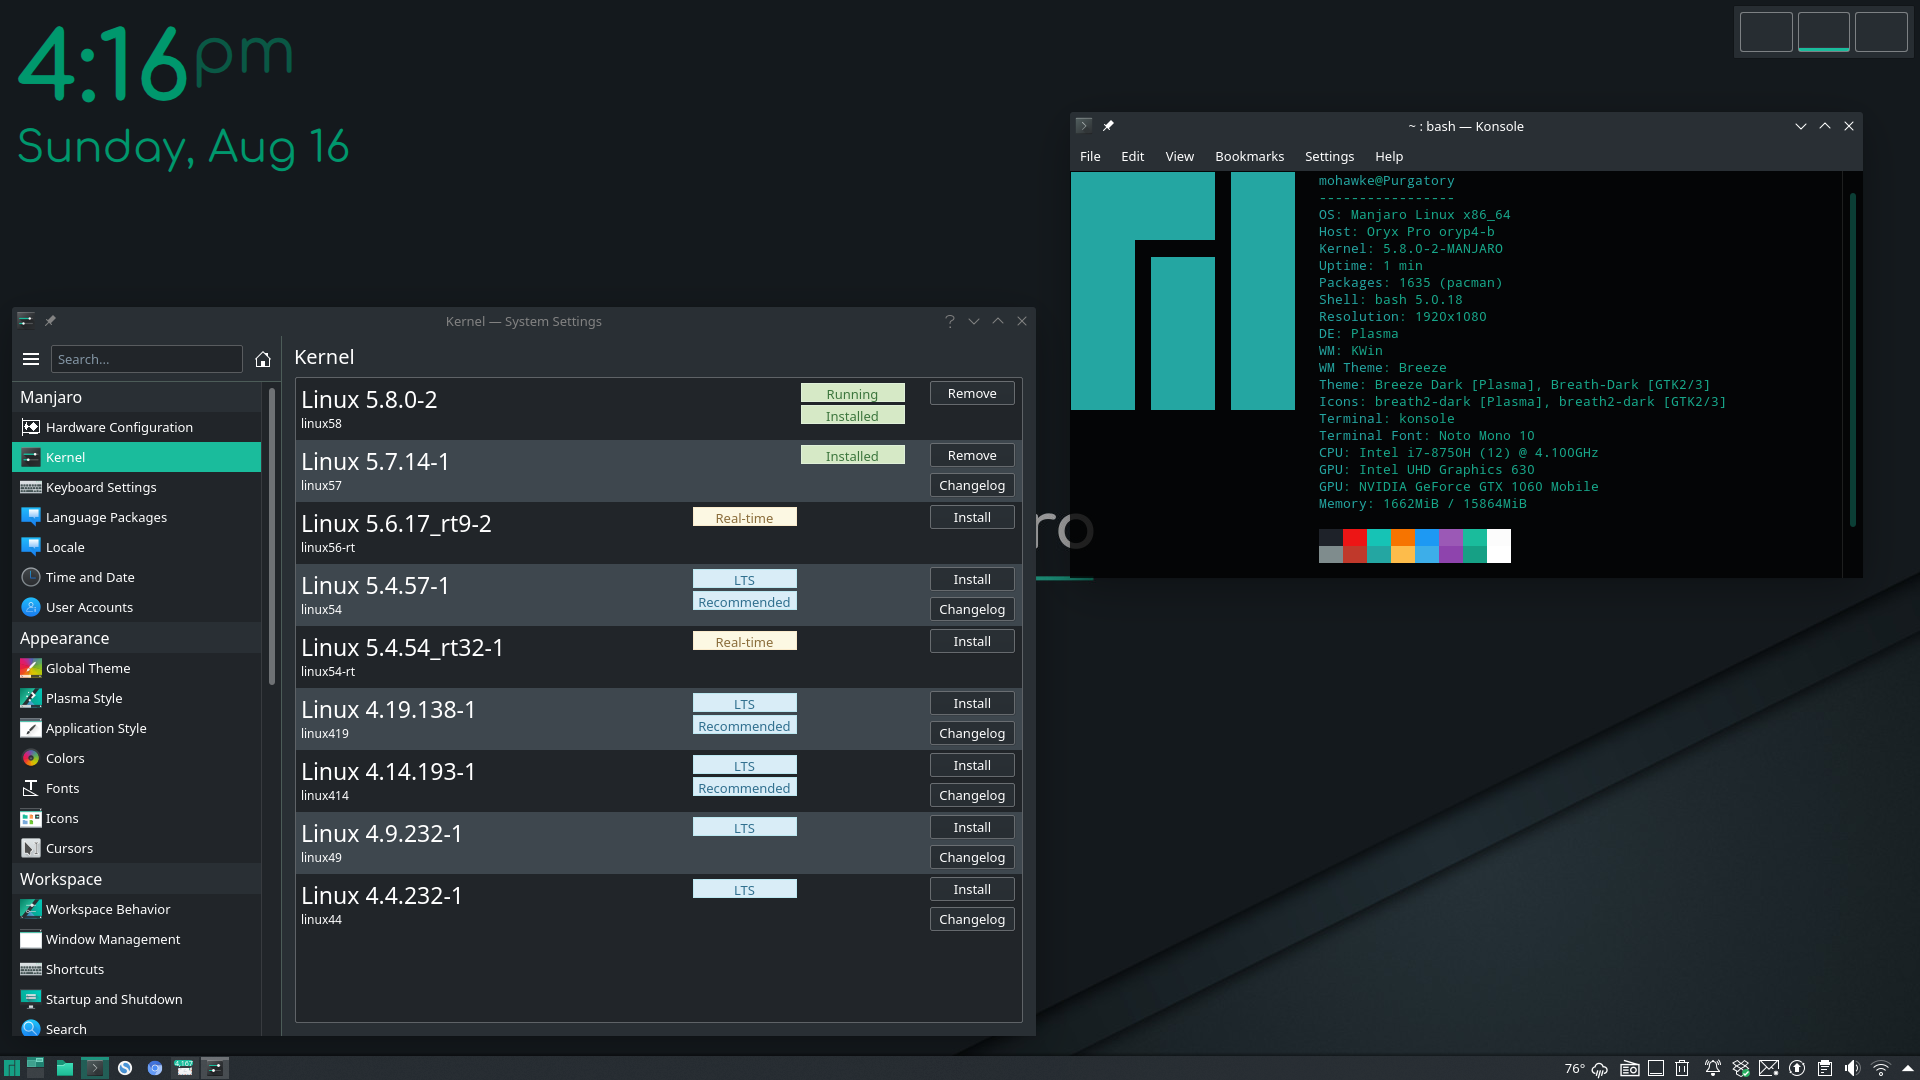 kernel-5.8